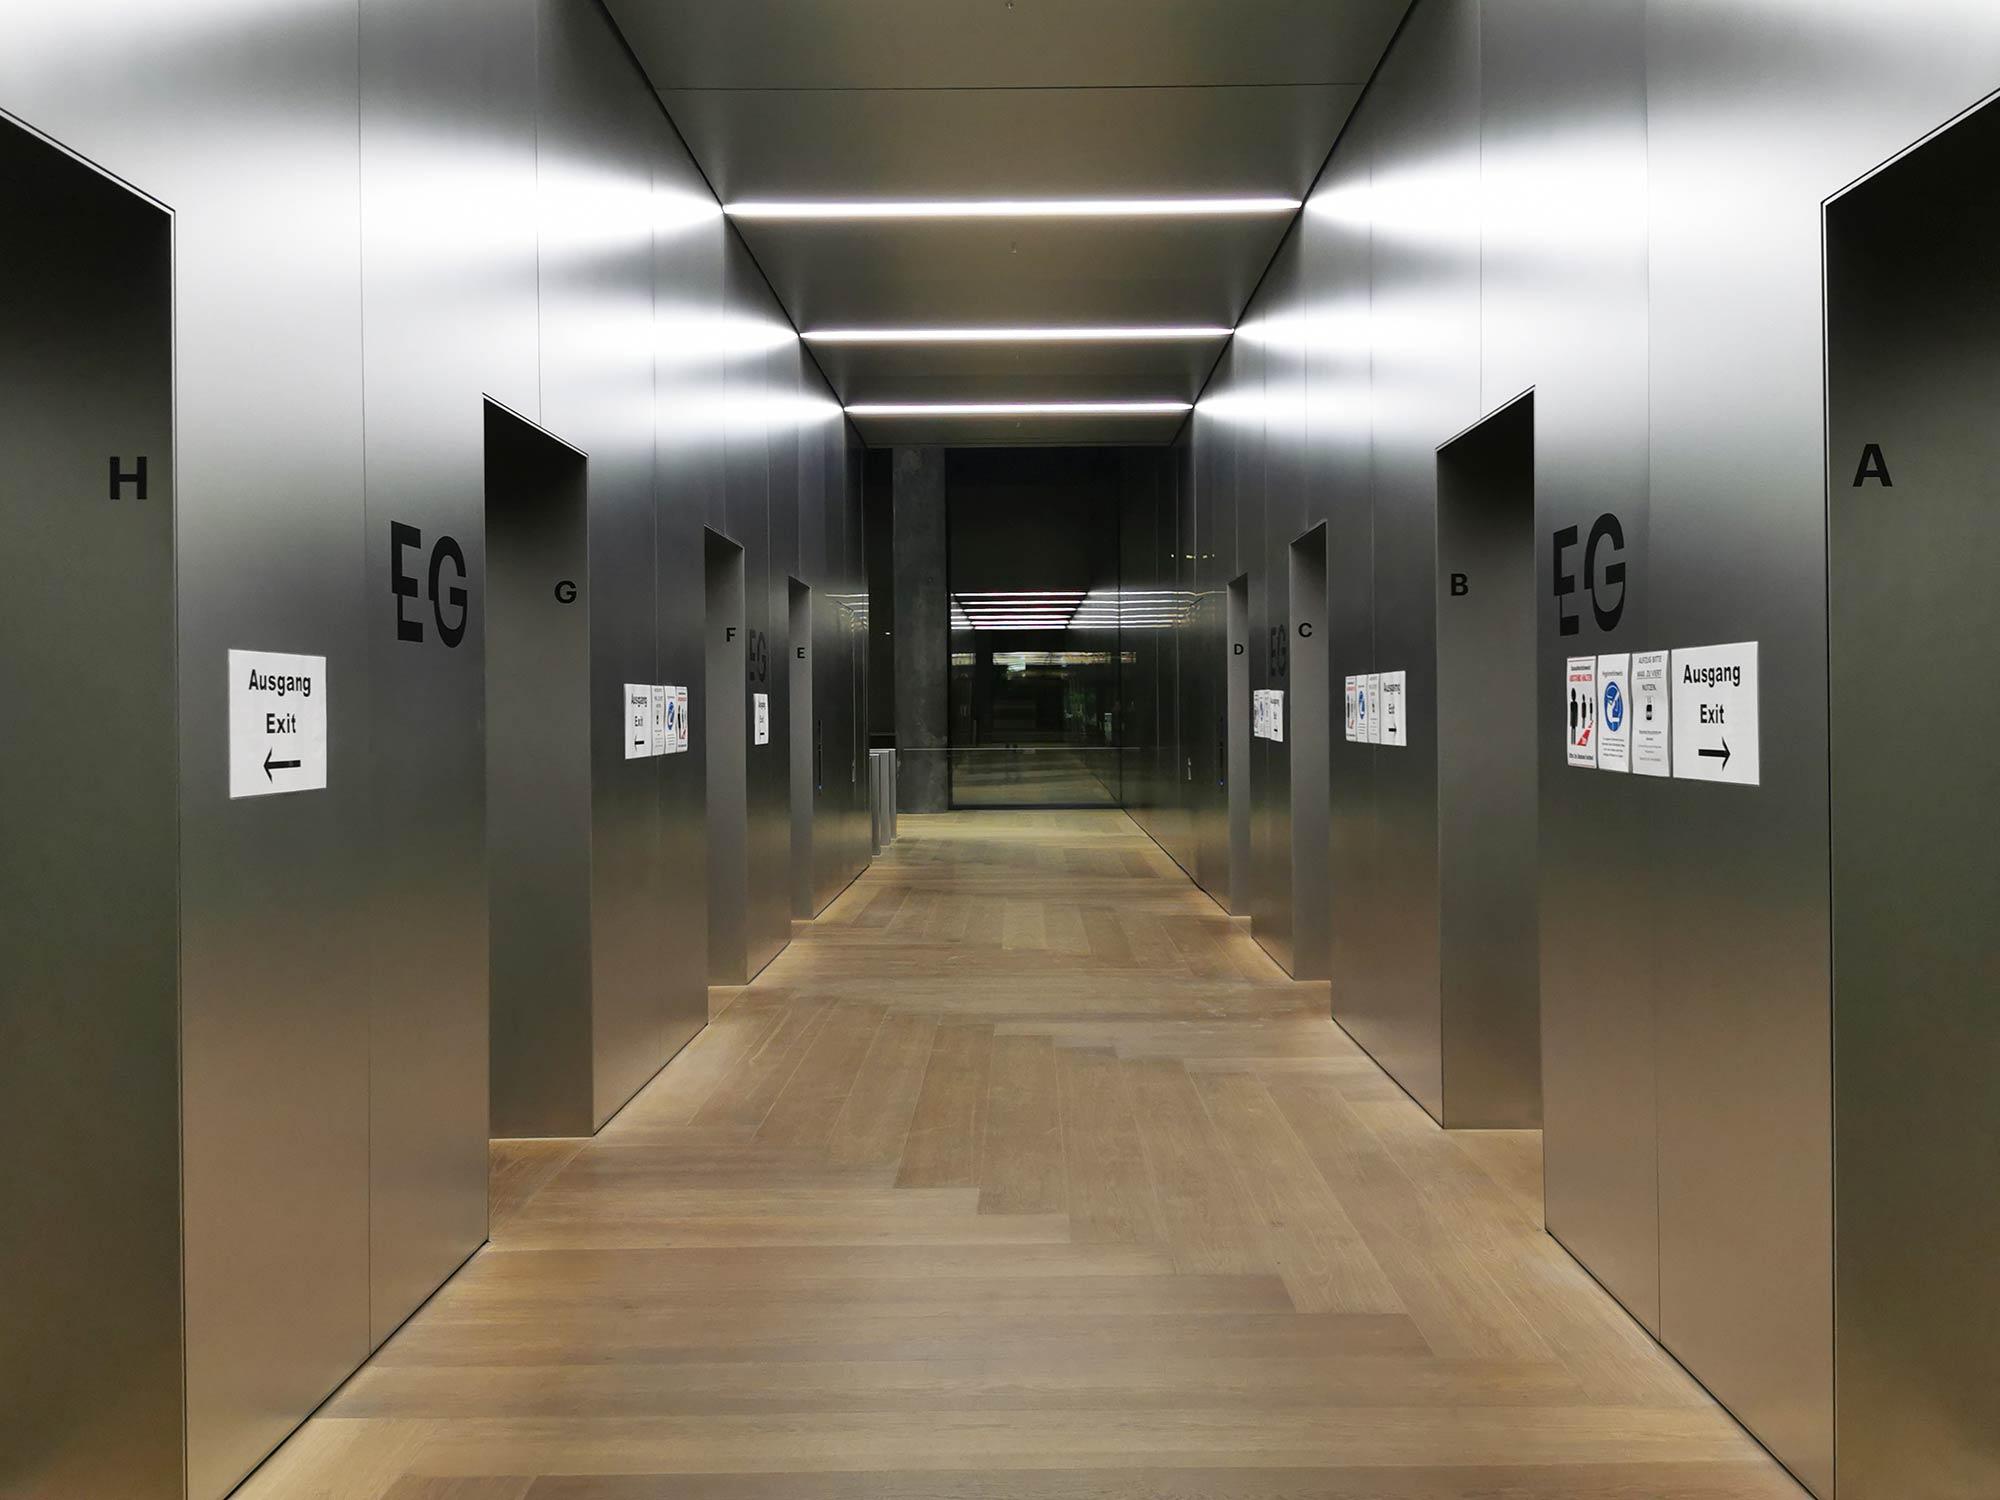 Aufzüge der Marke Schindler Elevator im Erdgeschoss - das Besondere daran: die Aufzüge haben neueste Technik, lassen in der Corona-Situation nur vier Erwachsene pro Aufzug gleichzeitig einsteigen.